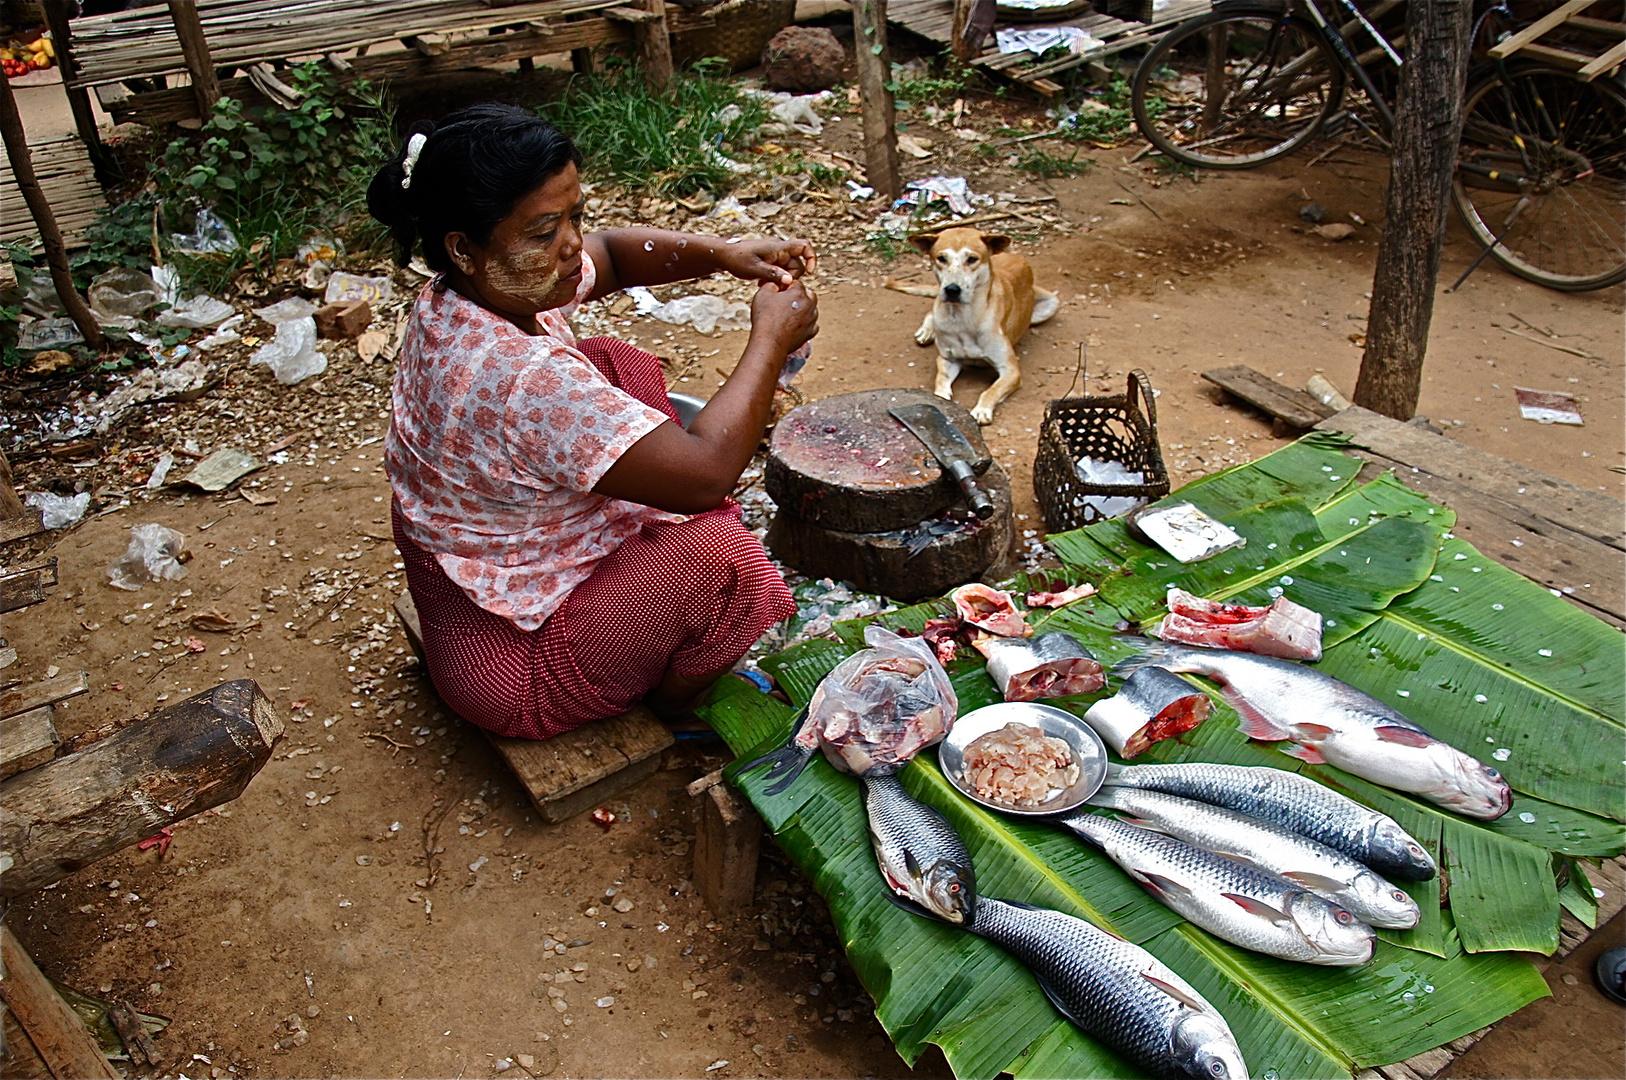 ob hunde fisch mögen ?.....................keine ahnung !